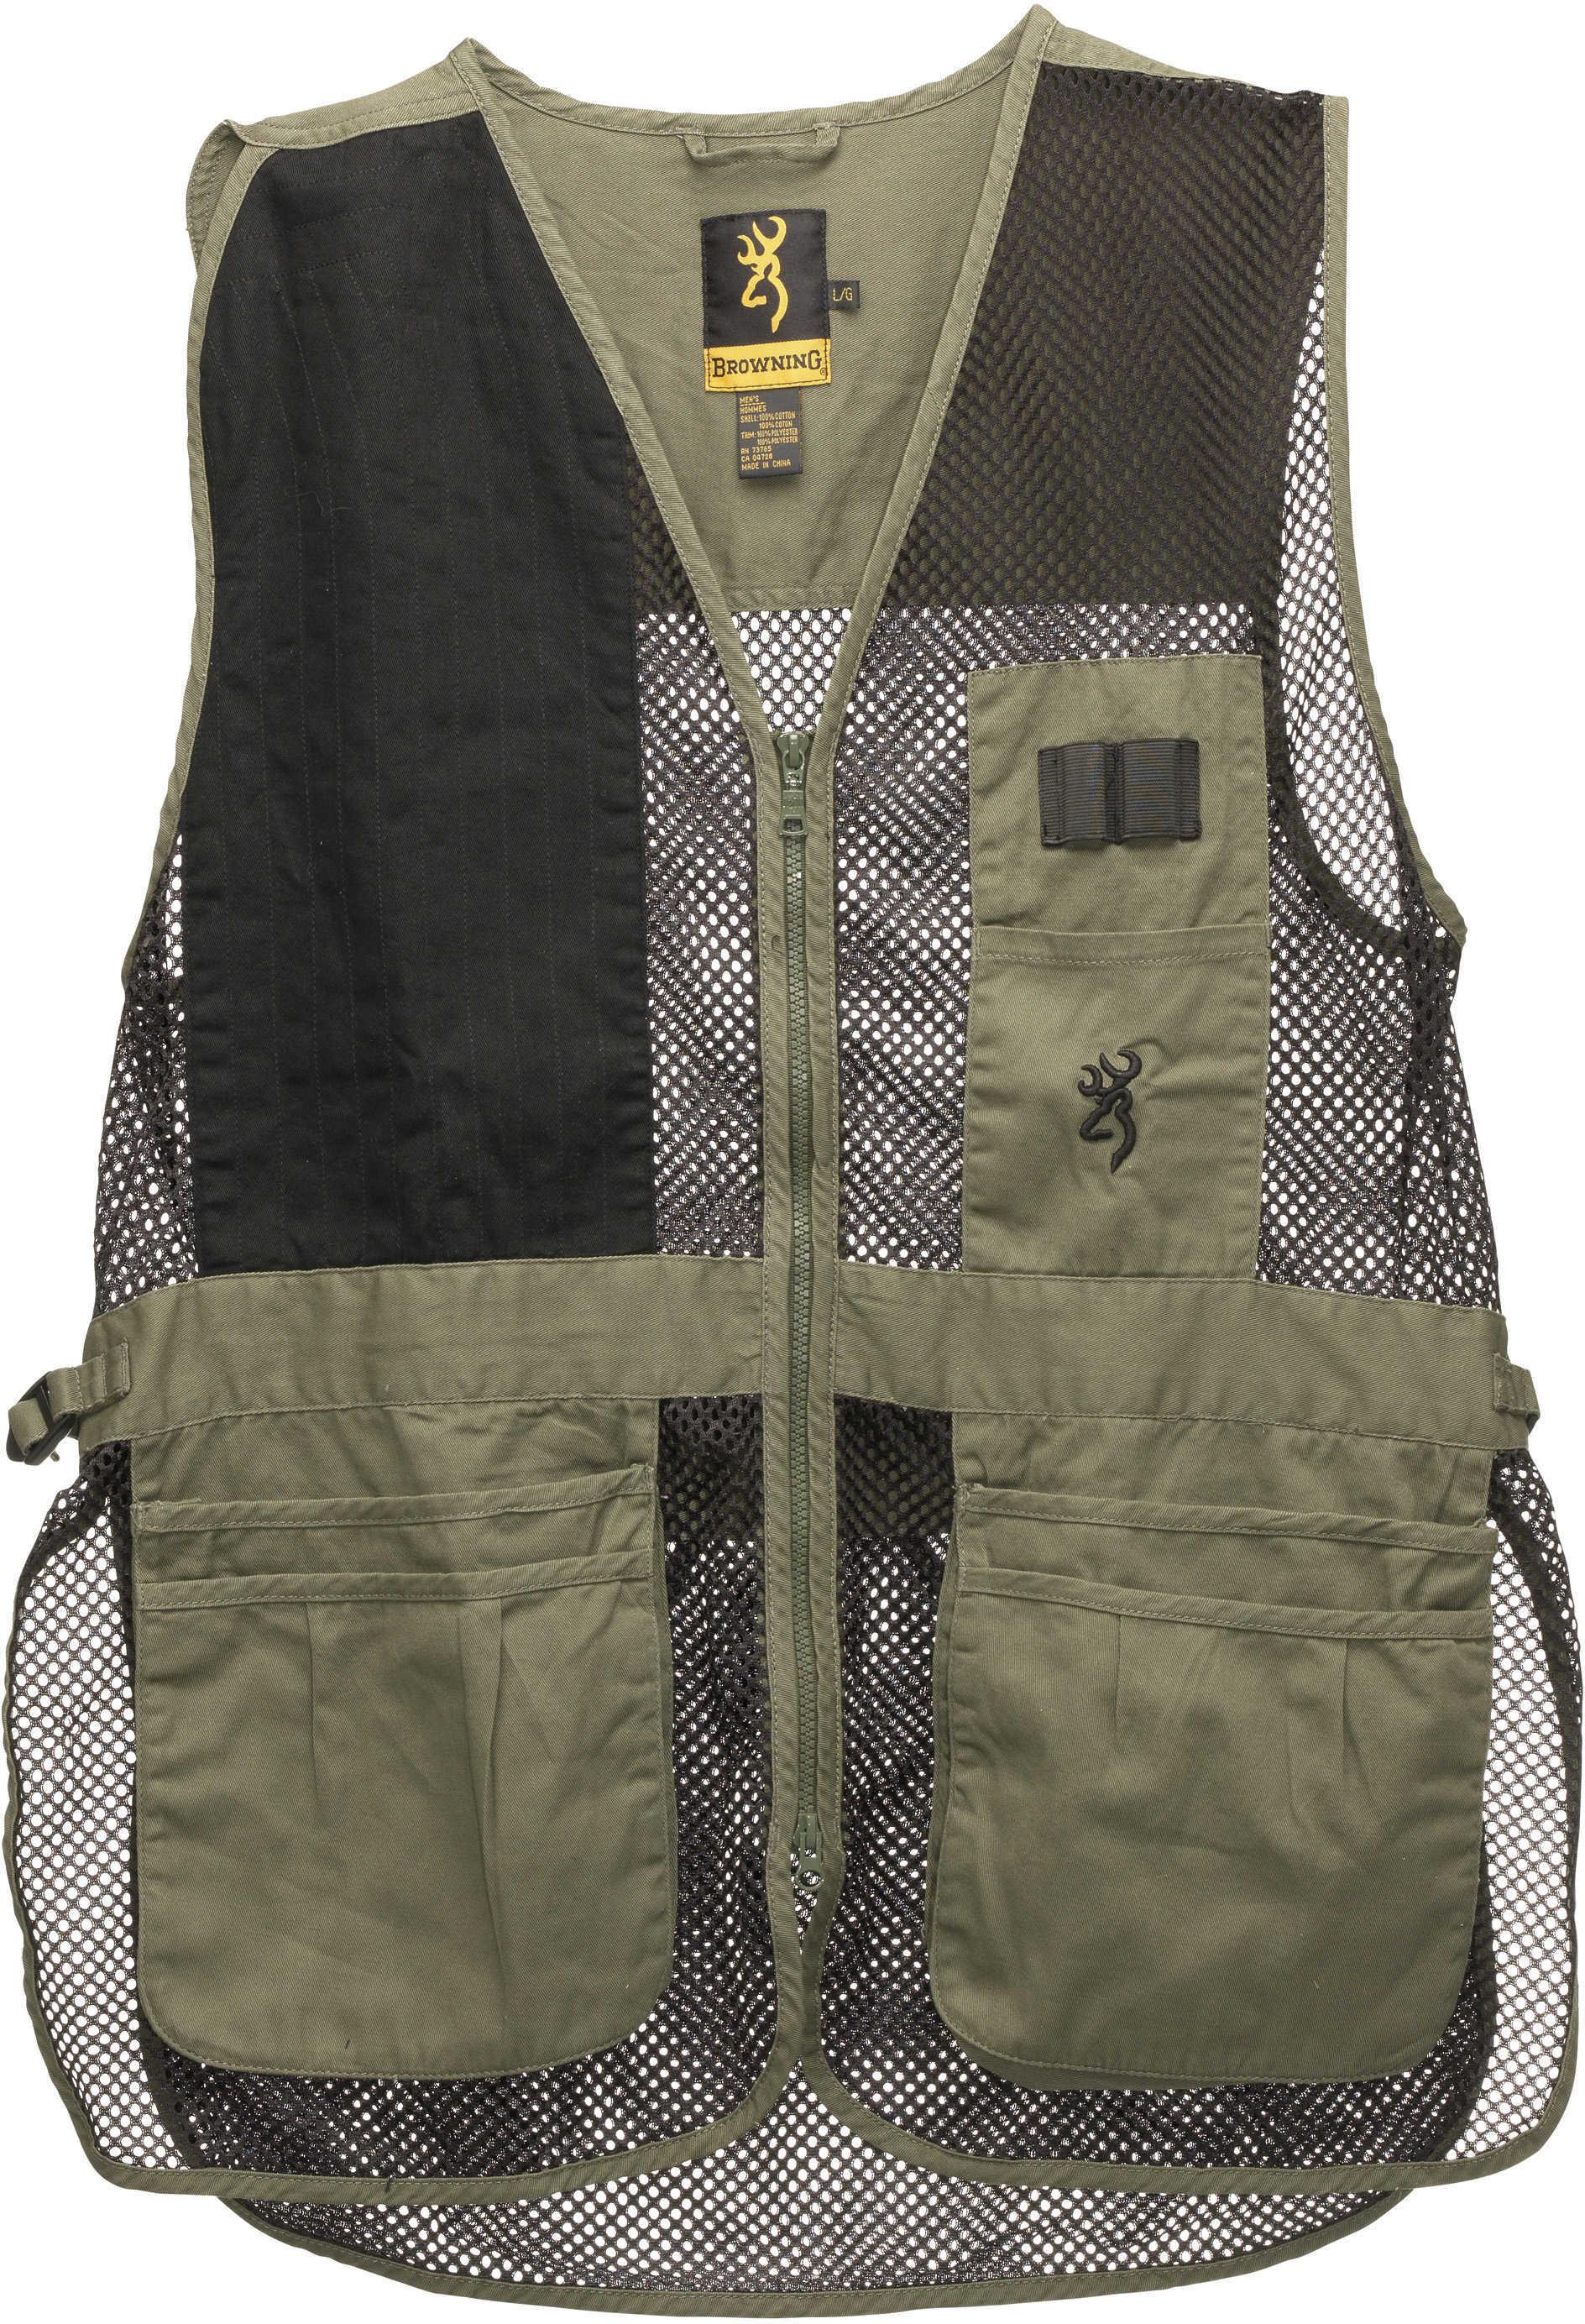 Men's Browning Trapper Creek Mesh Vest Sage/Black Size Small